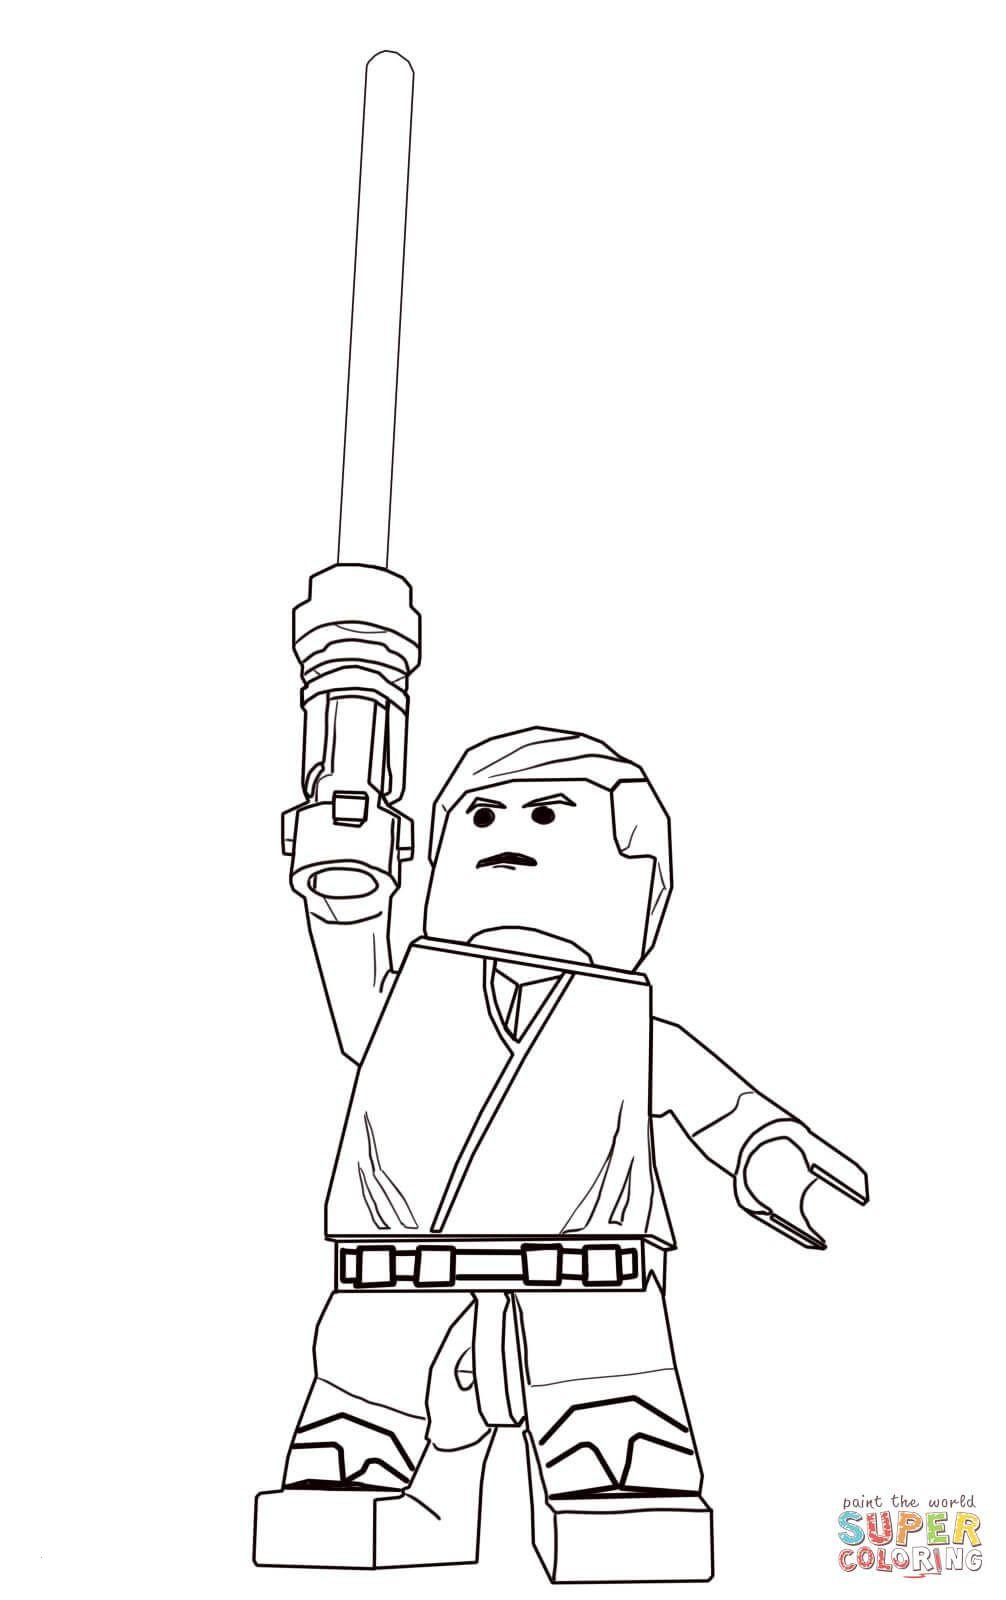 Star Wars Ausmalbilder General Grievous Inspirierend Eine Sammlung Von Färbung Bilder Lego Ninjago Ausmalbilder Schön Das Bild